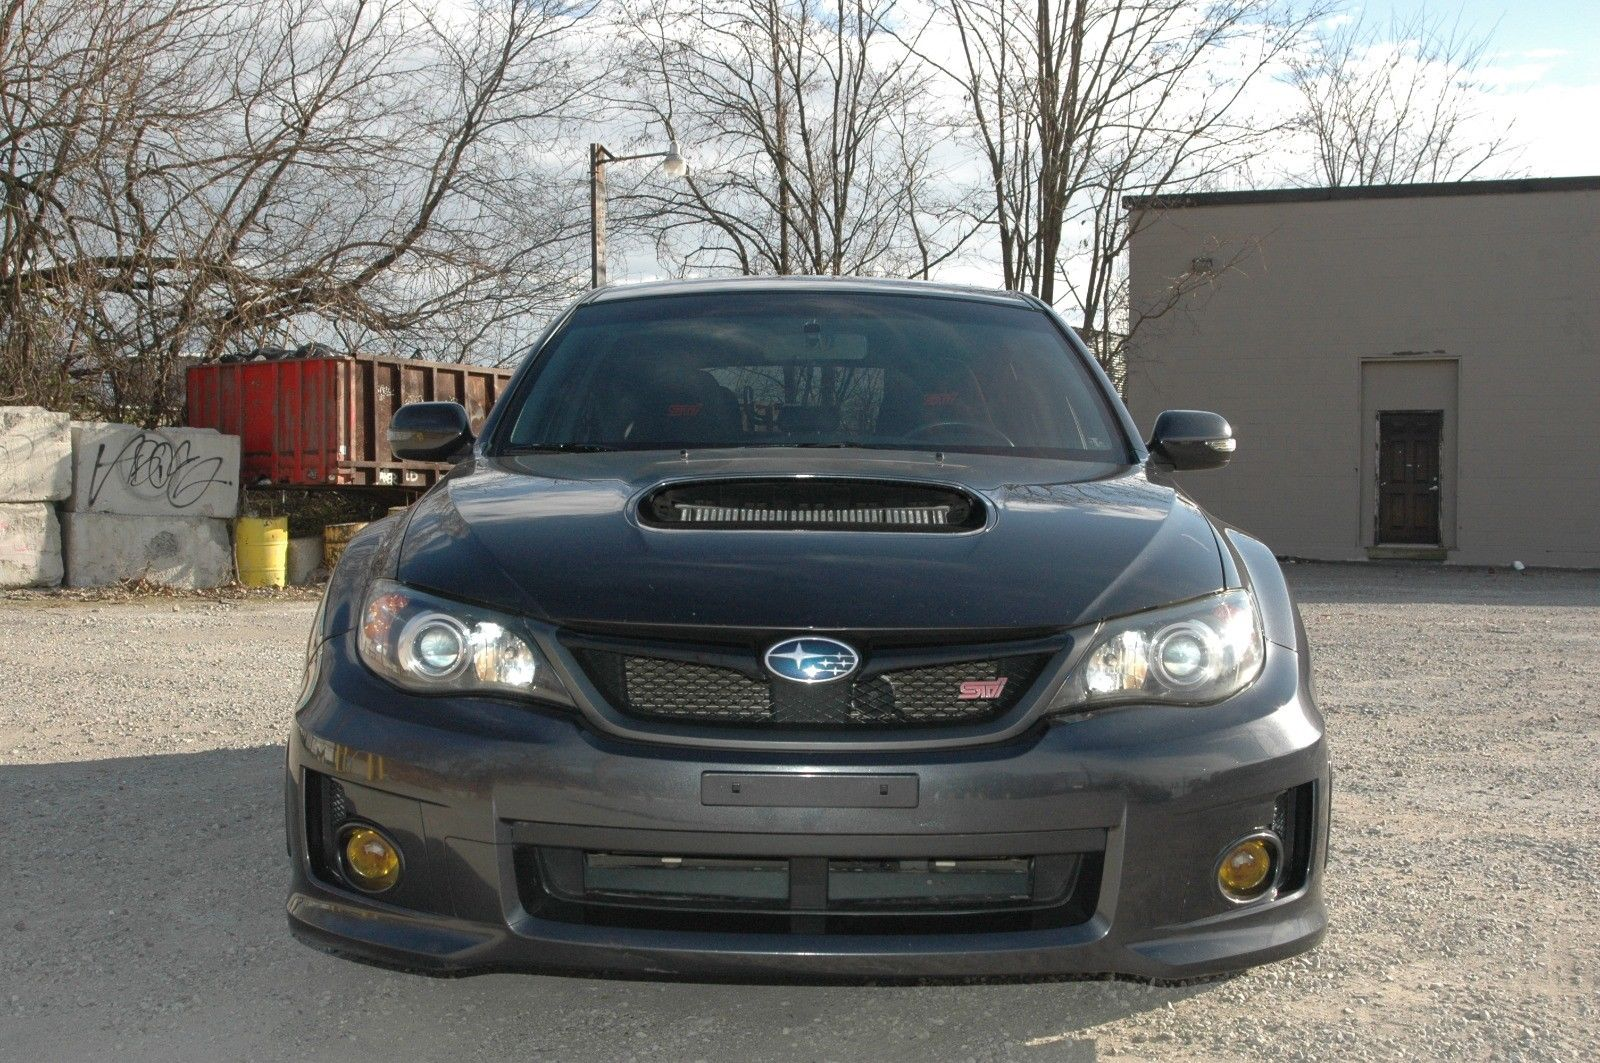 2006 Subaru Wrx Sti For Sale >> Awesome 2011 Subaru Impreza WRX STI 2011 Subaru Impreza ...